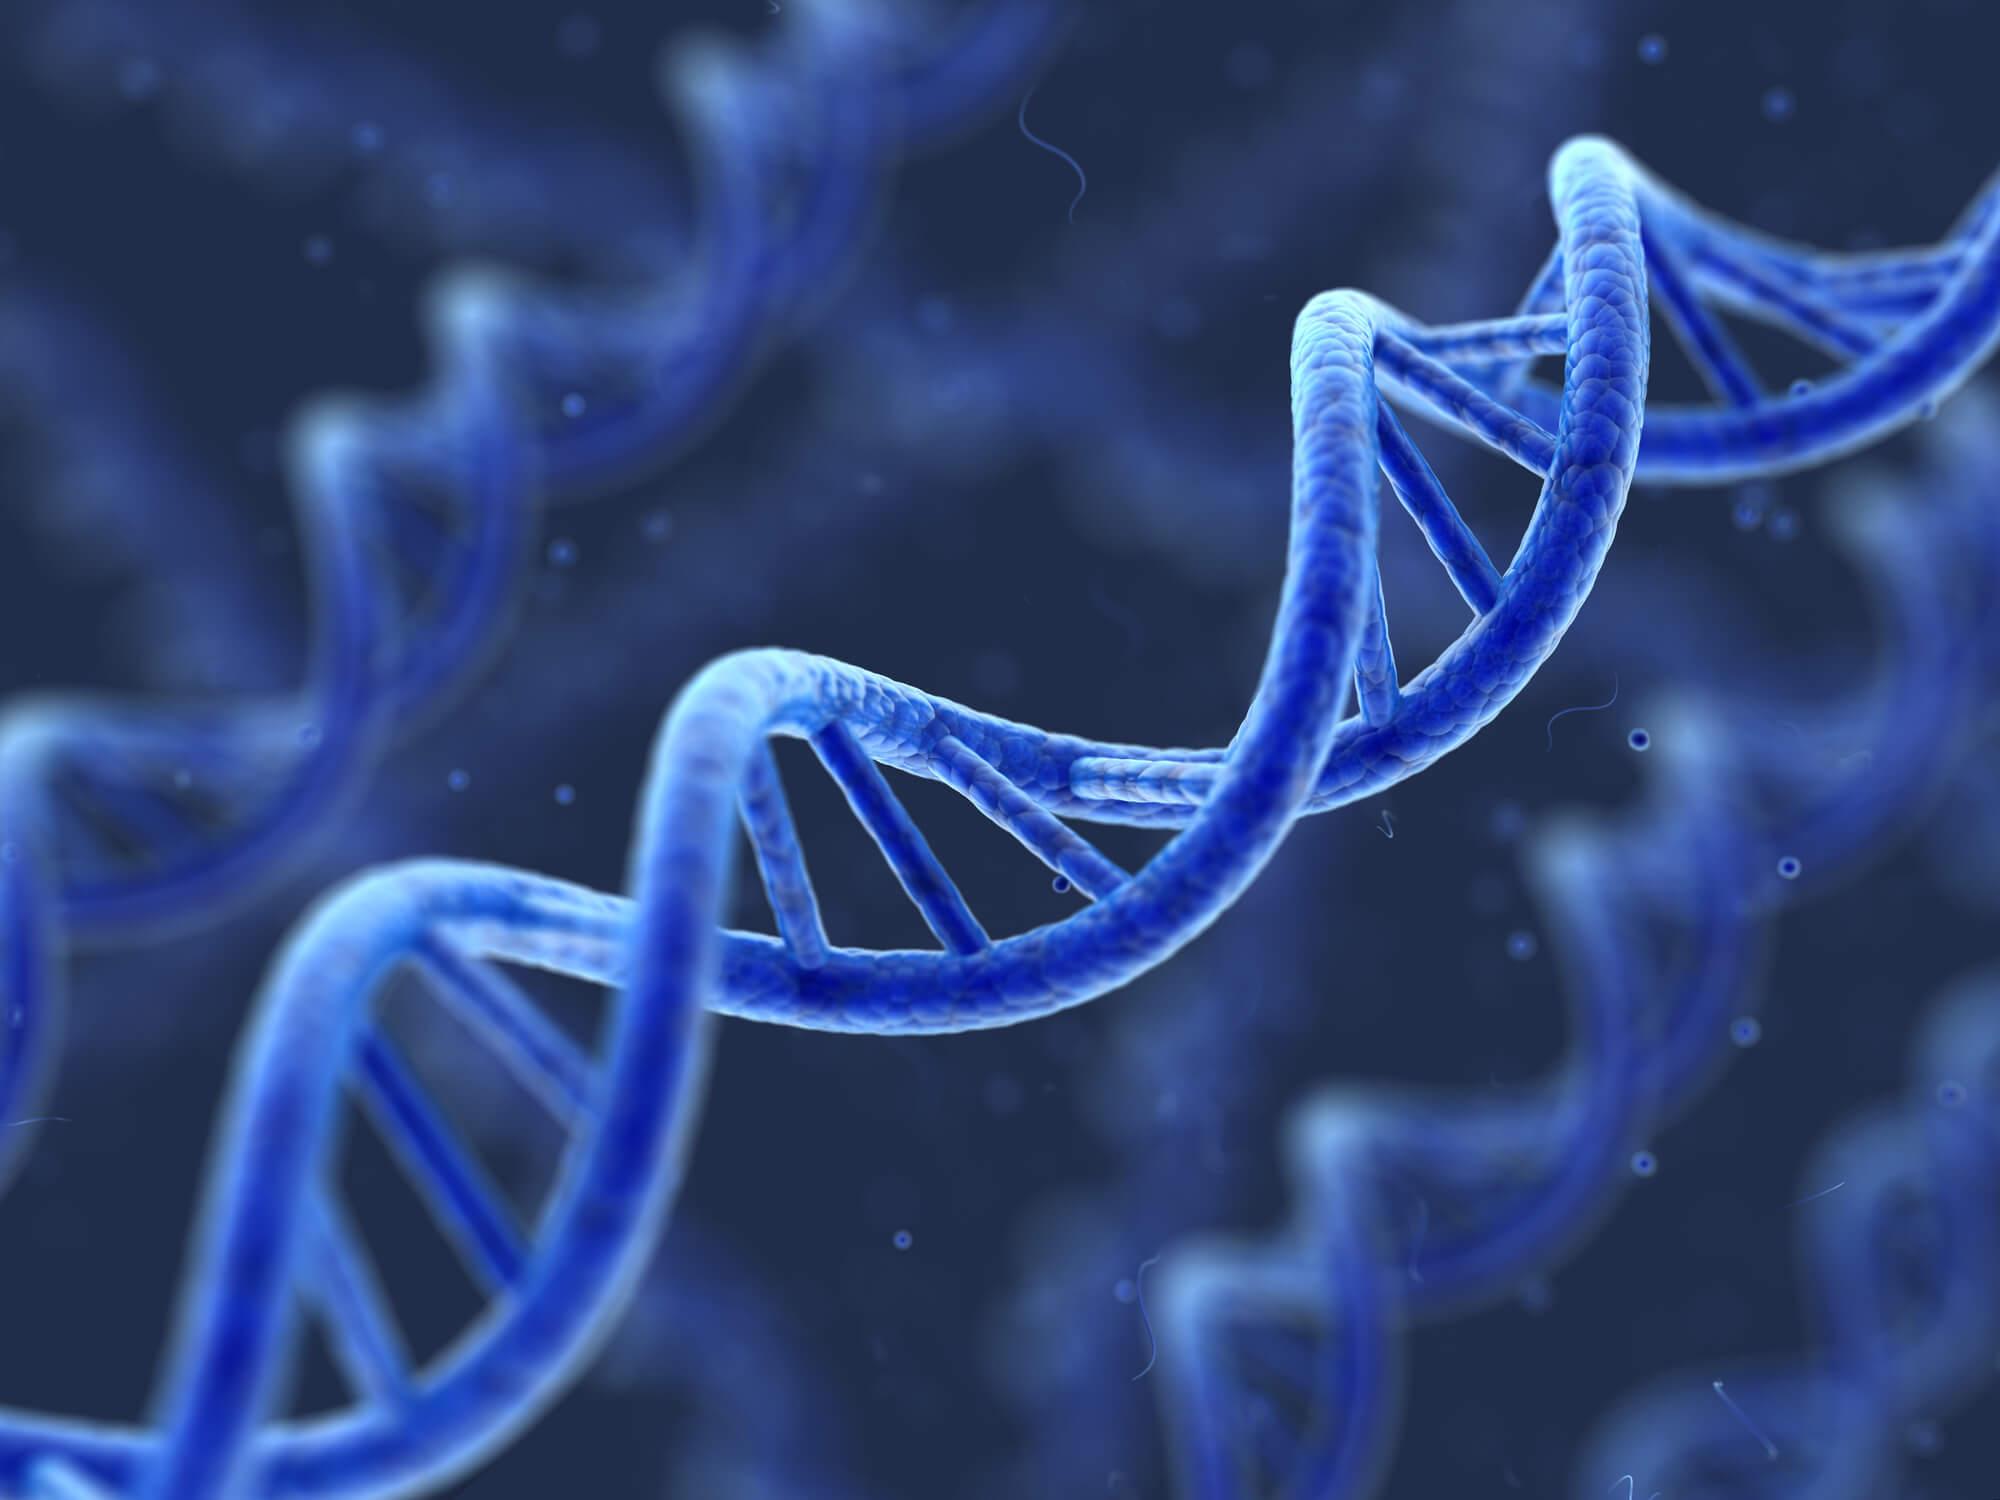 Epigenética: entenda como funciona e sua relação com a recepção de óvulos